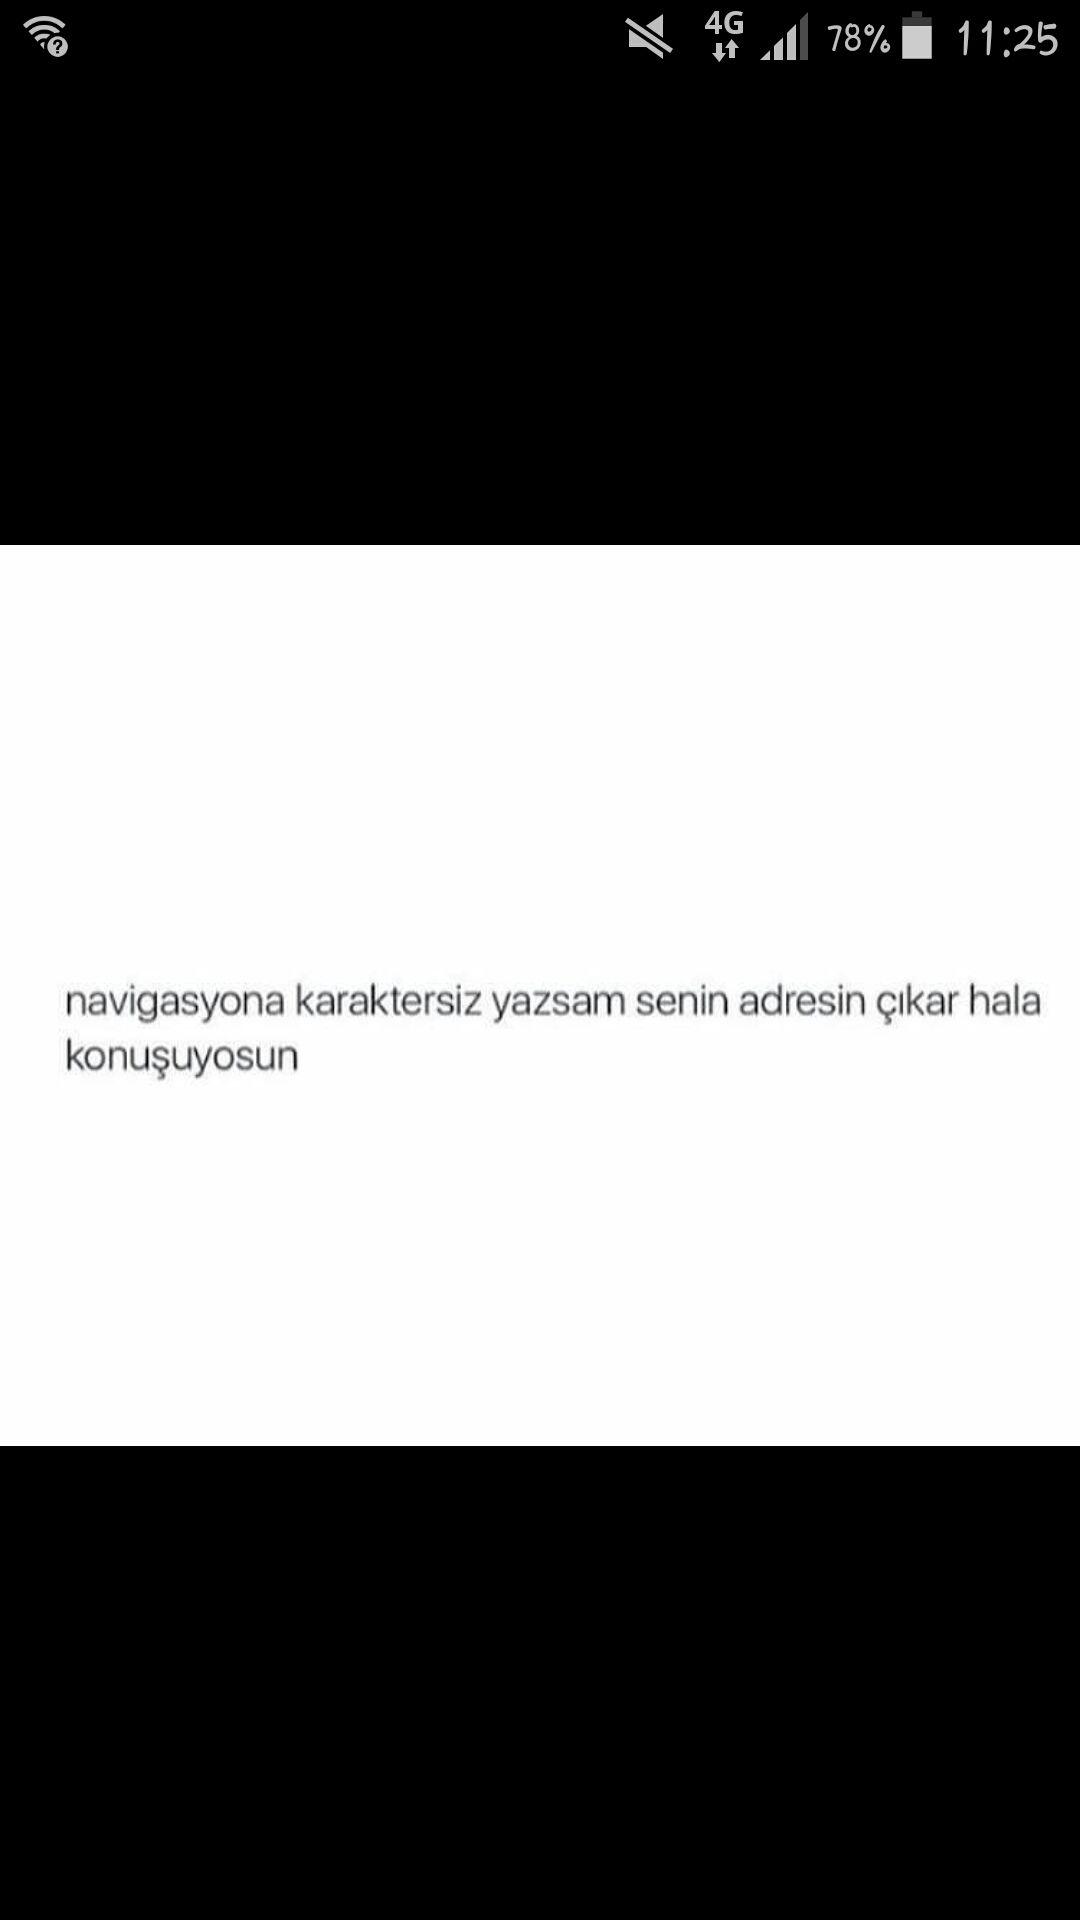 türkische sprüche - #182#kapak - wattpad